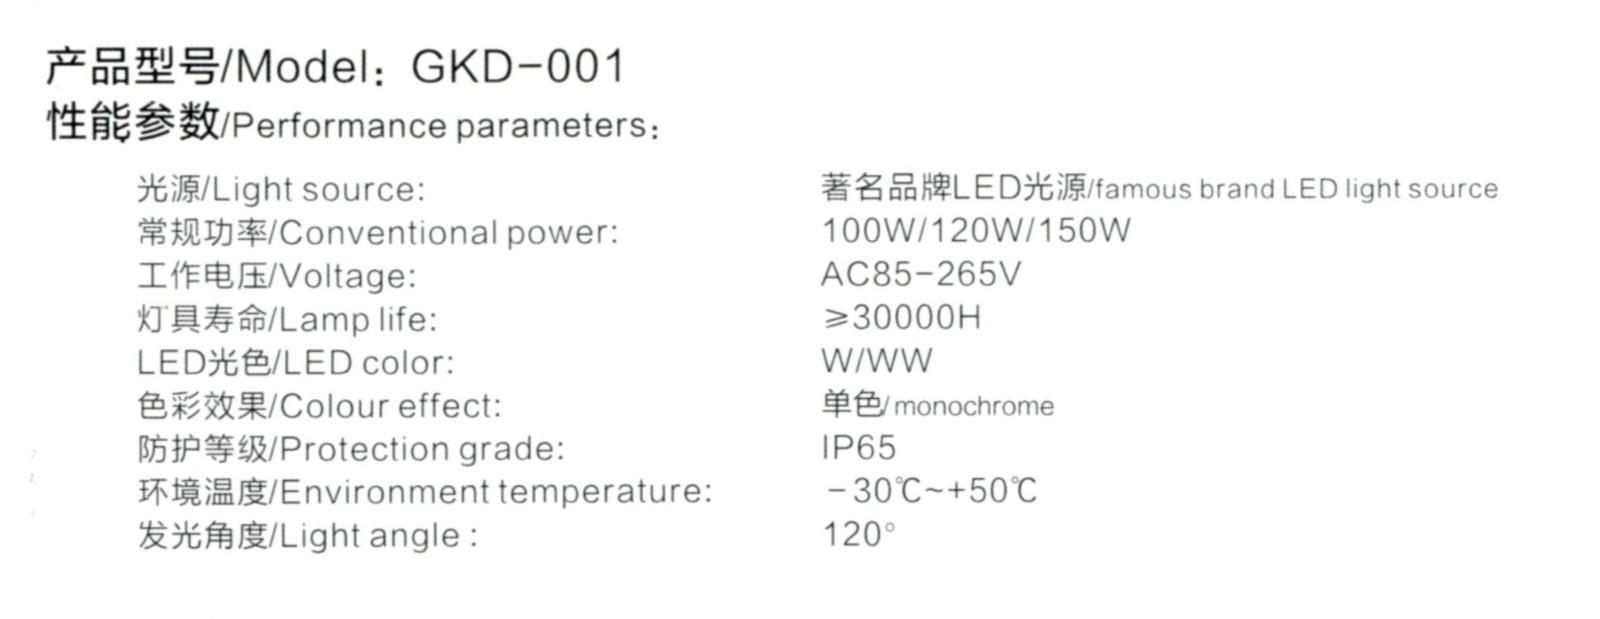 LED工矿灯Model∶GKD-001参数.jpg